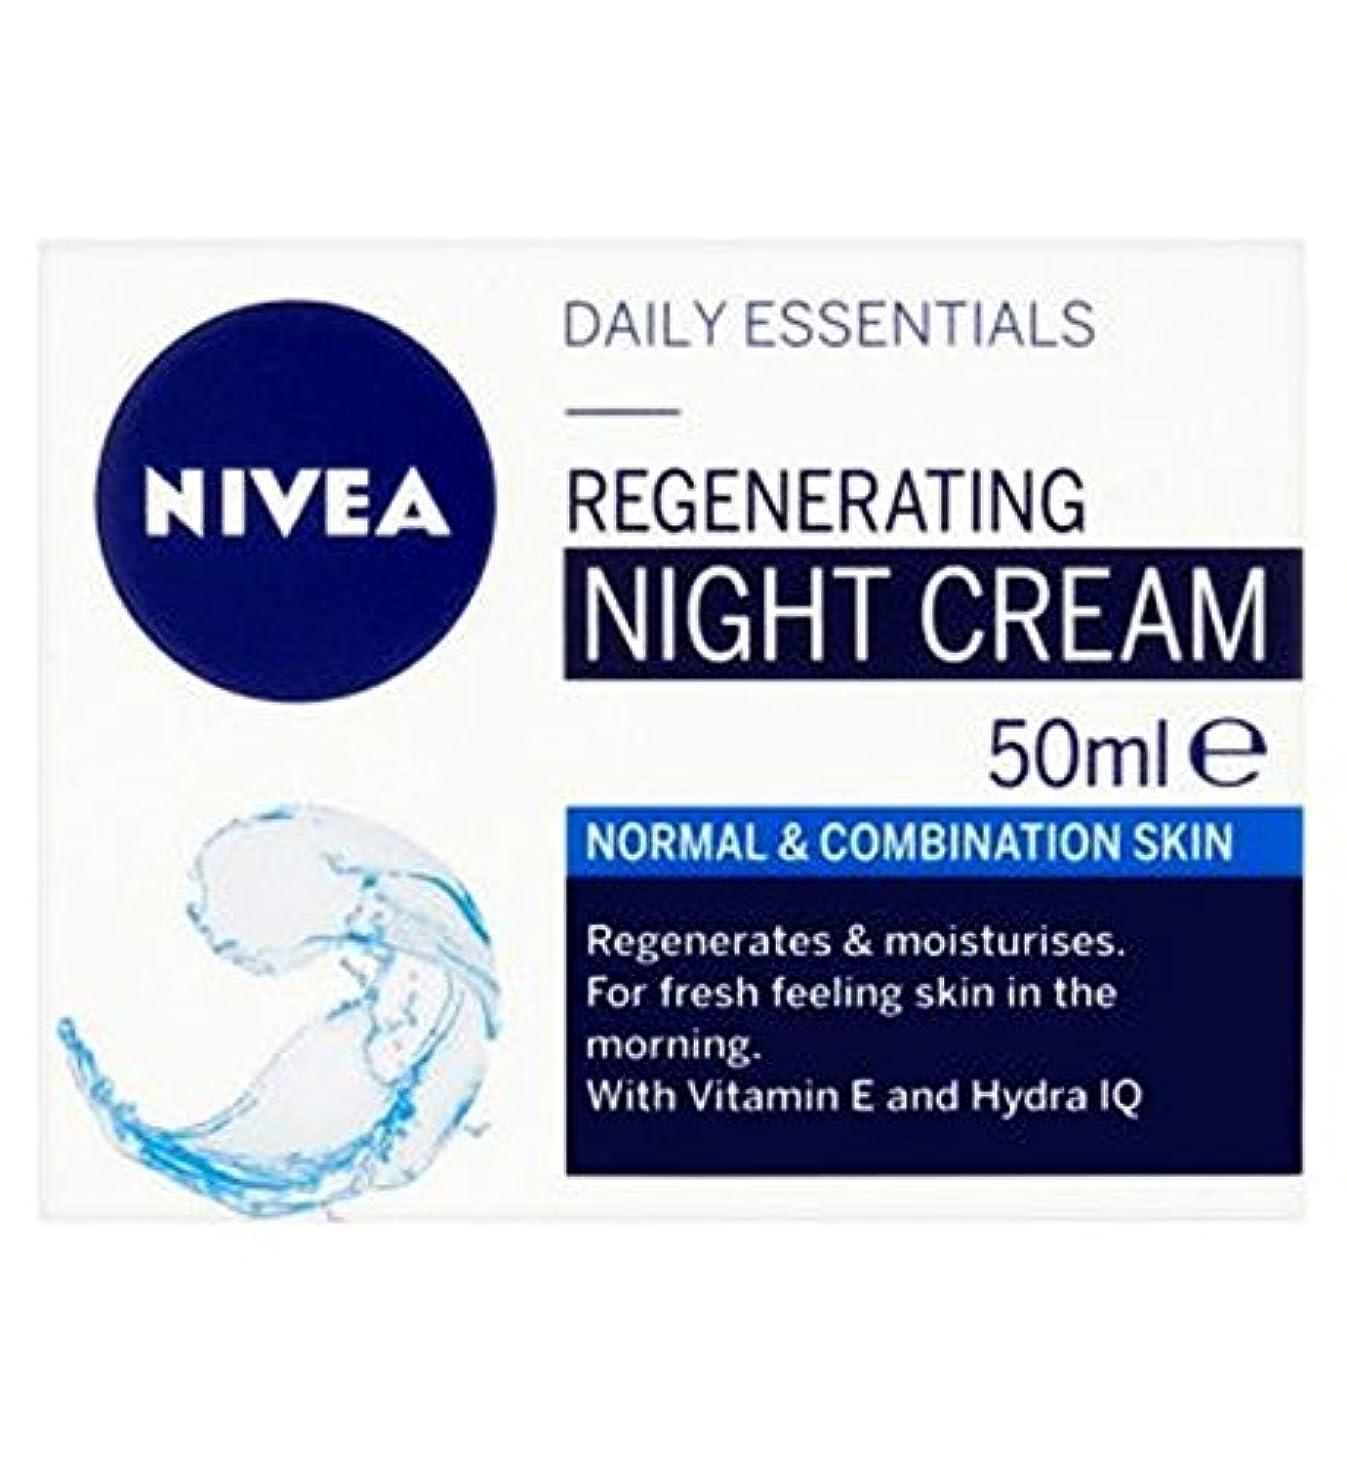 魅惑する転用座標NIVEA Daily Essentials Regenerating Night Cream For Normal and Combination Skin 50ml - ノーマルと組み合わせ皮膚50ミリリットルのためのナイトクリームを再生ニベア生活必需品 (Nivea) [並行輸入品]